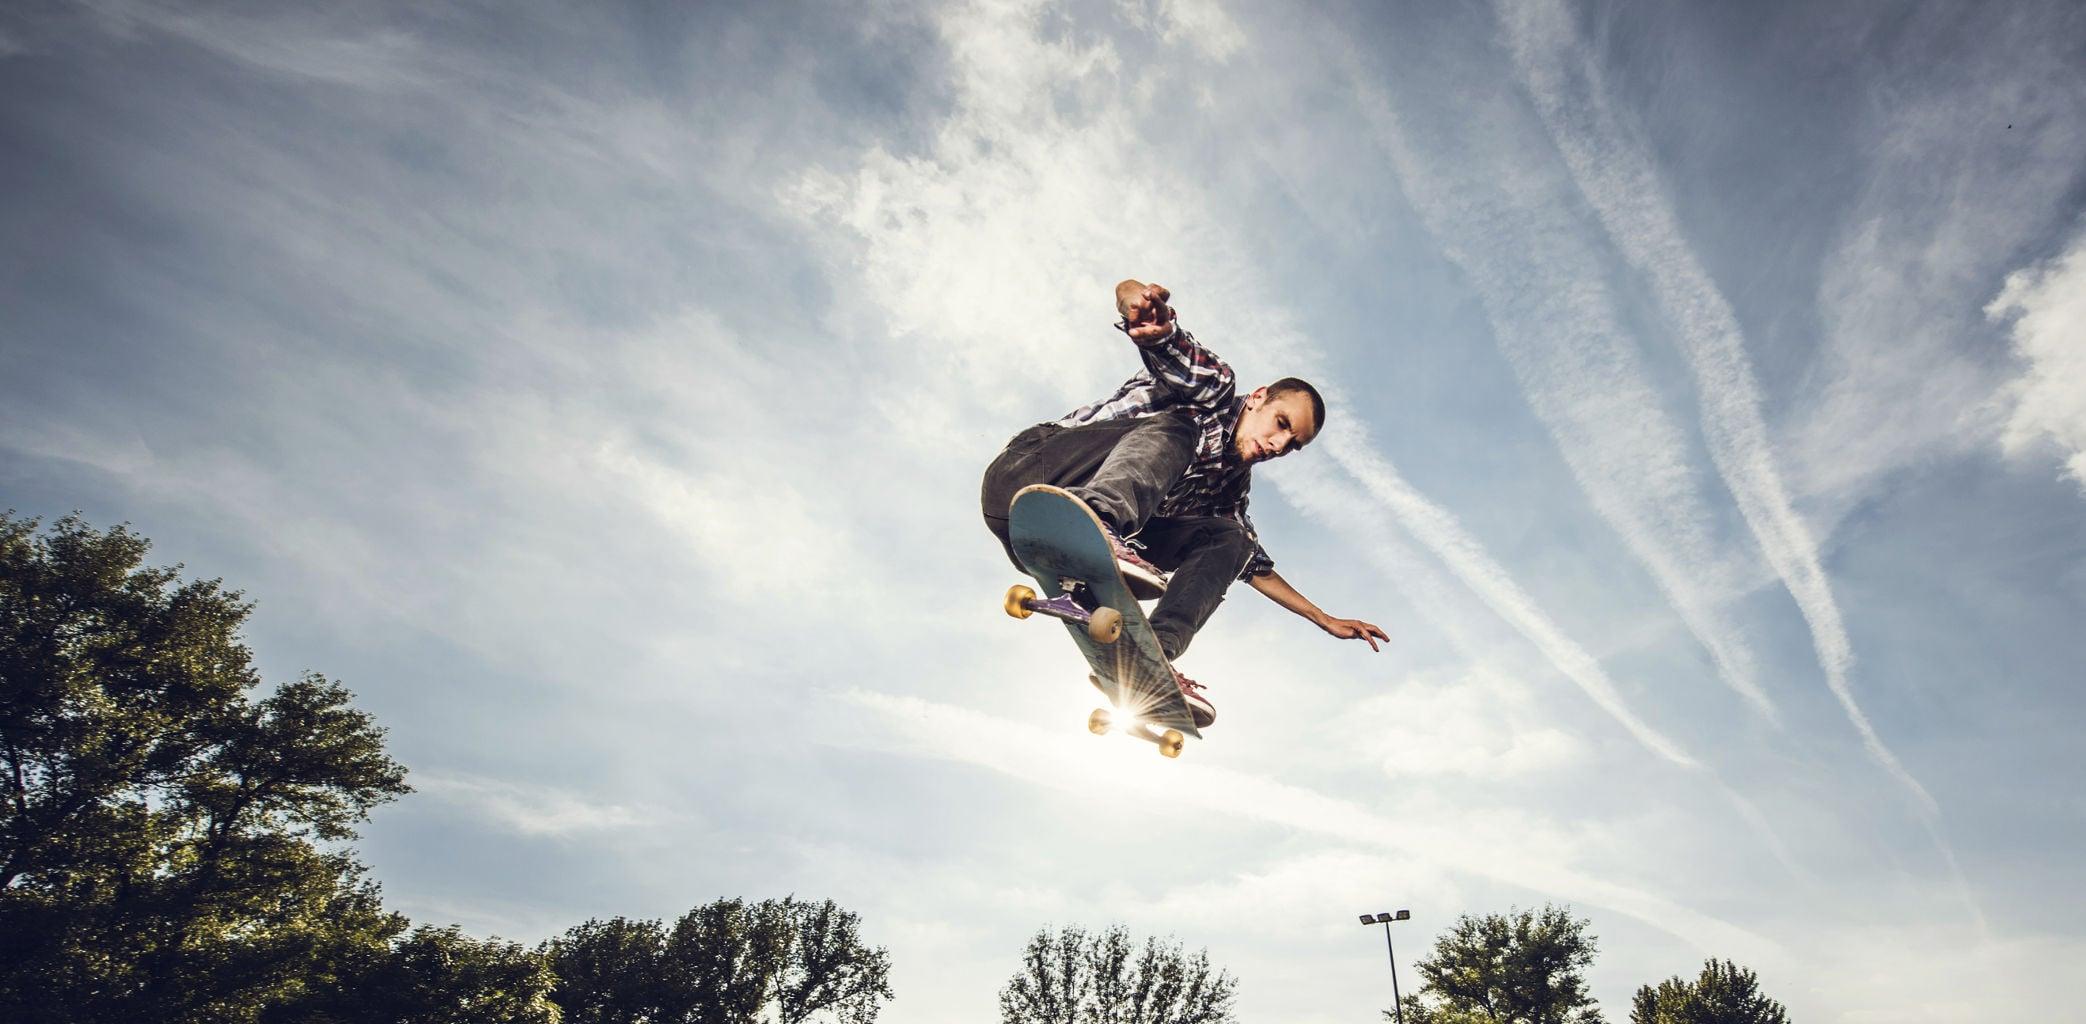 Skateboarding Summer Olympics